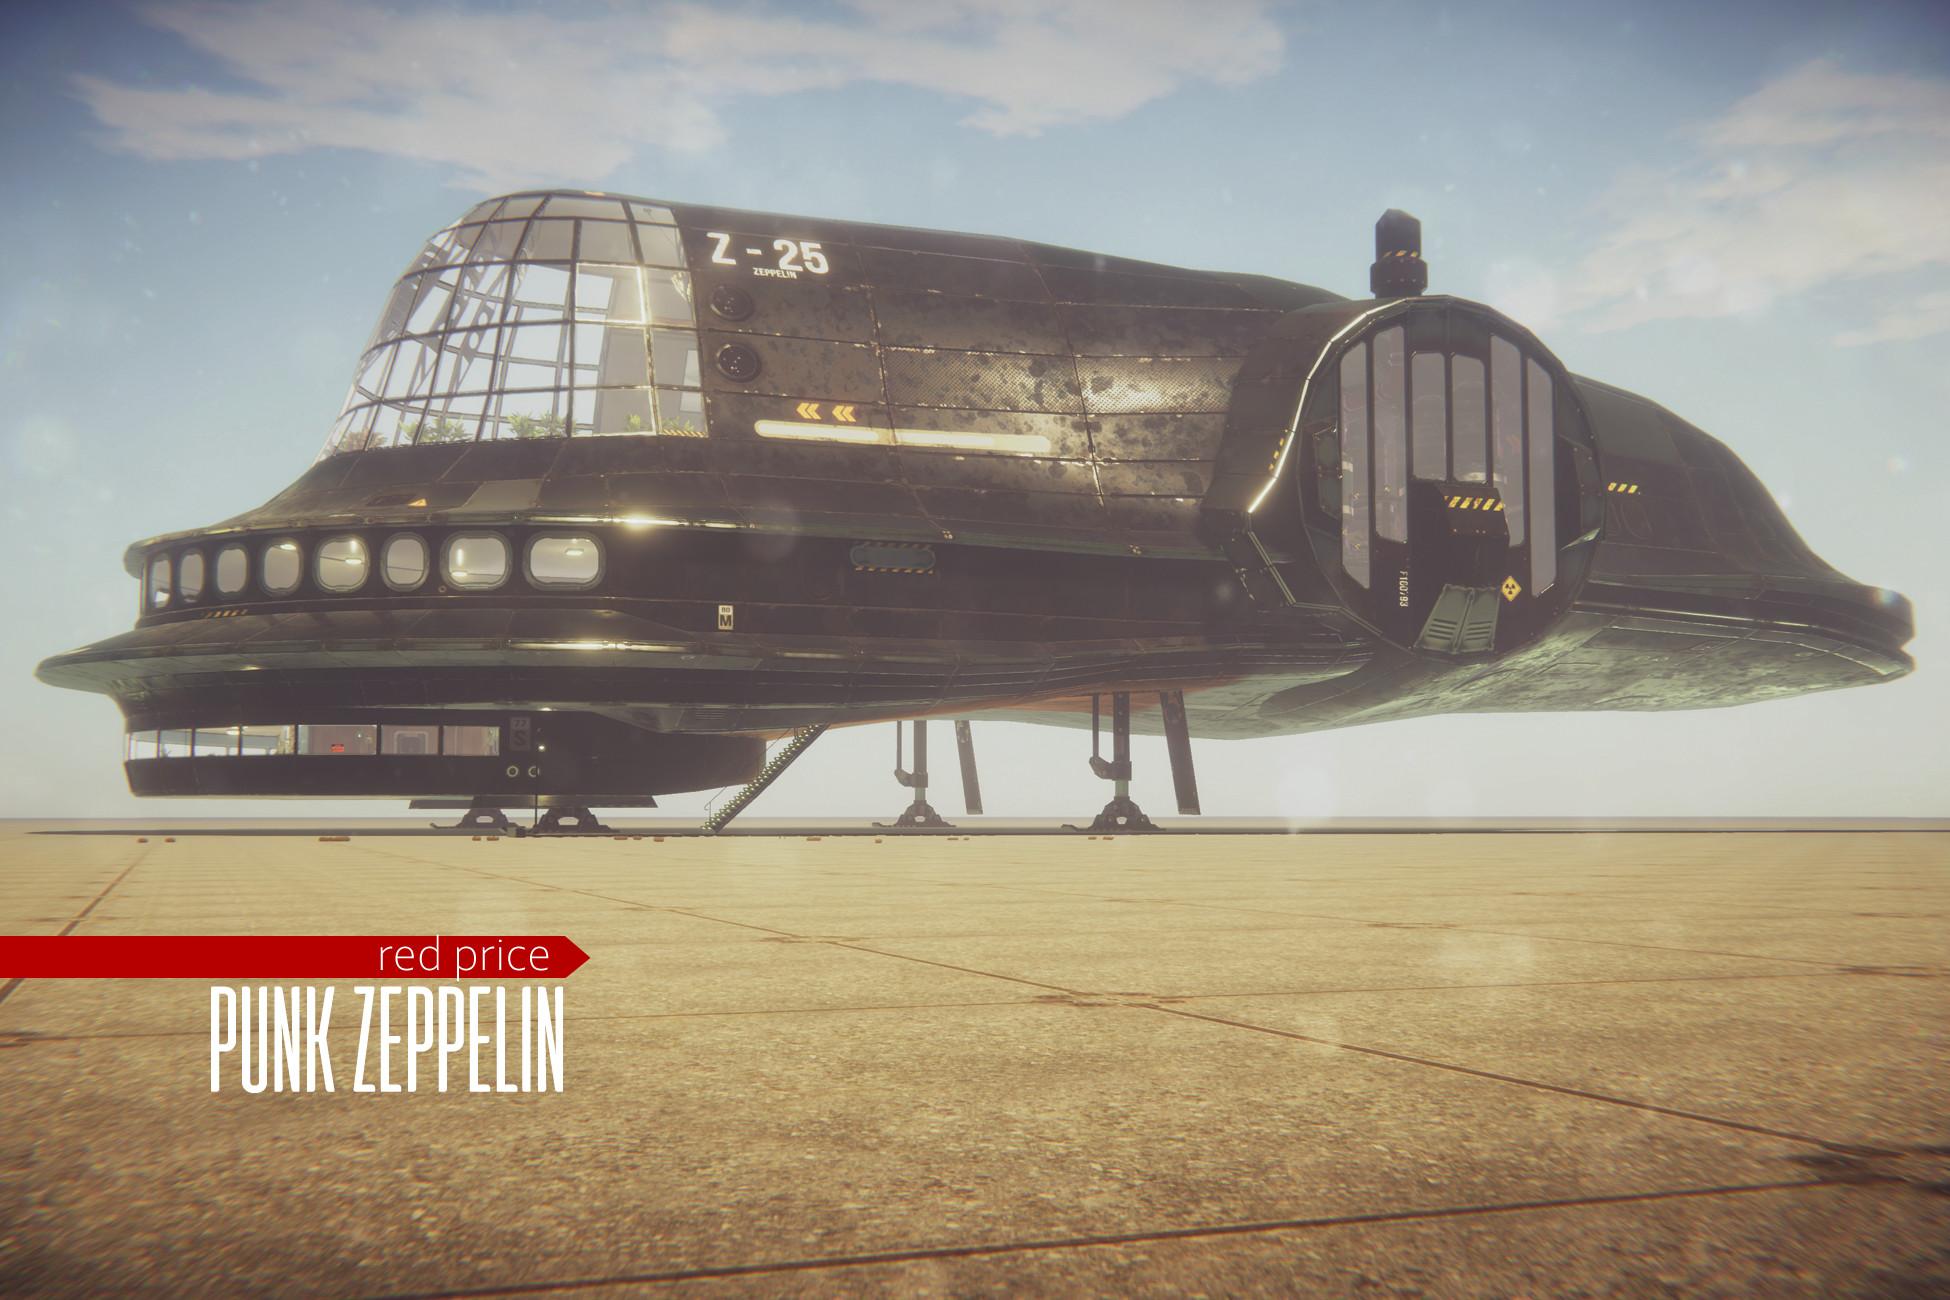 Zeppelin 'Z-25'